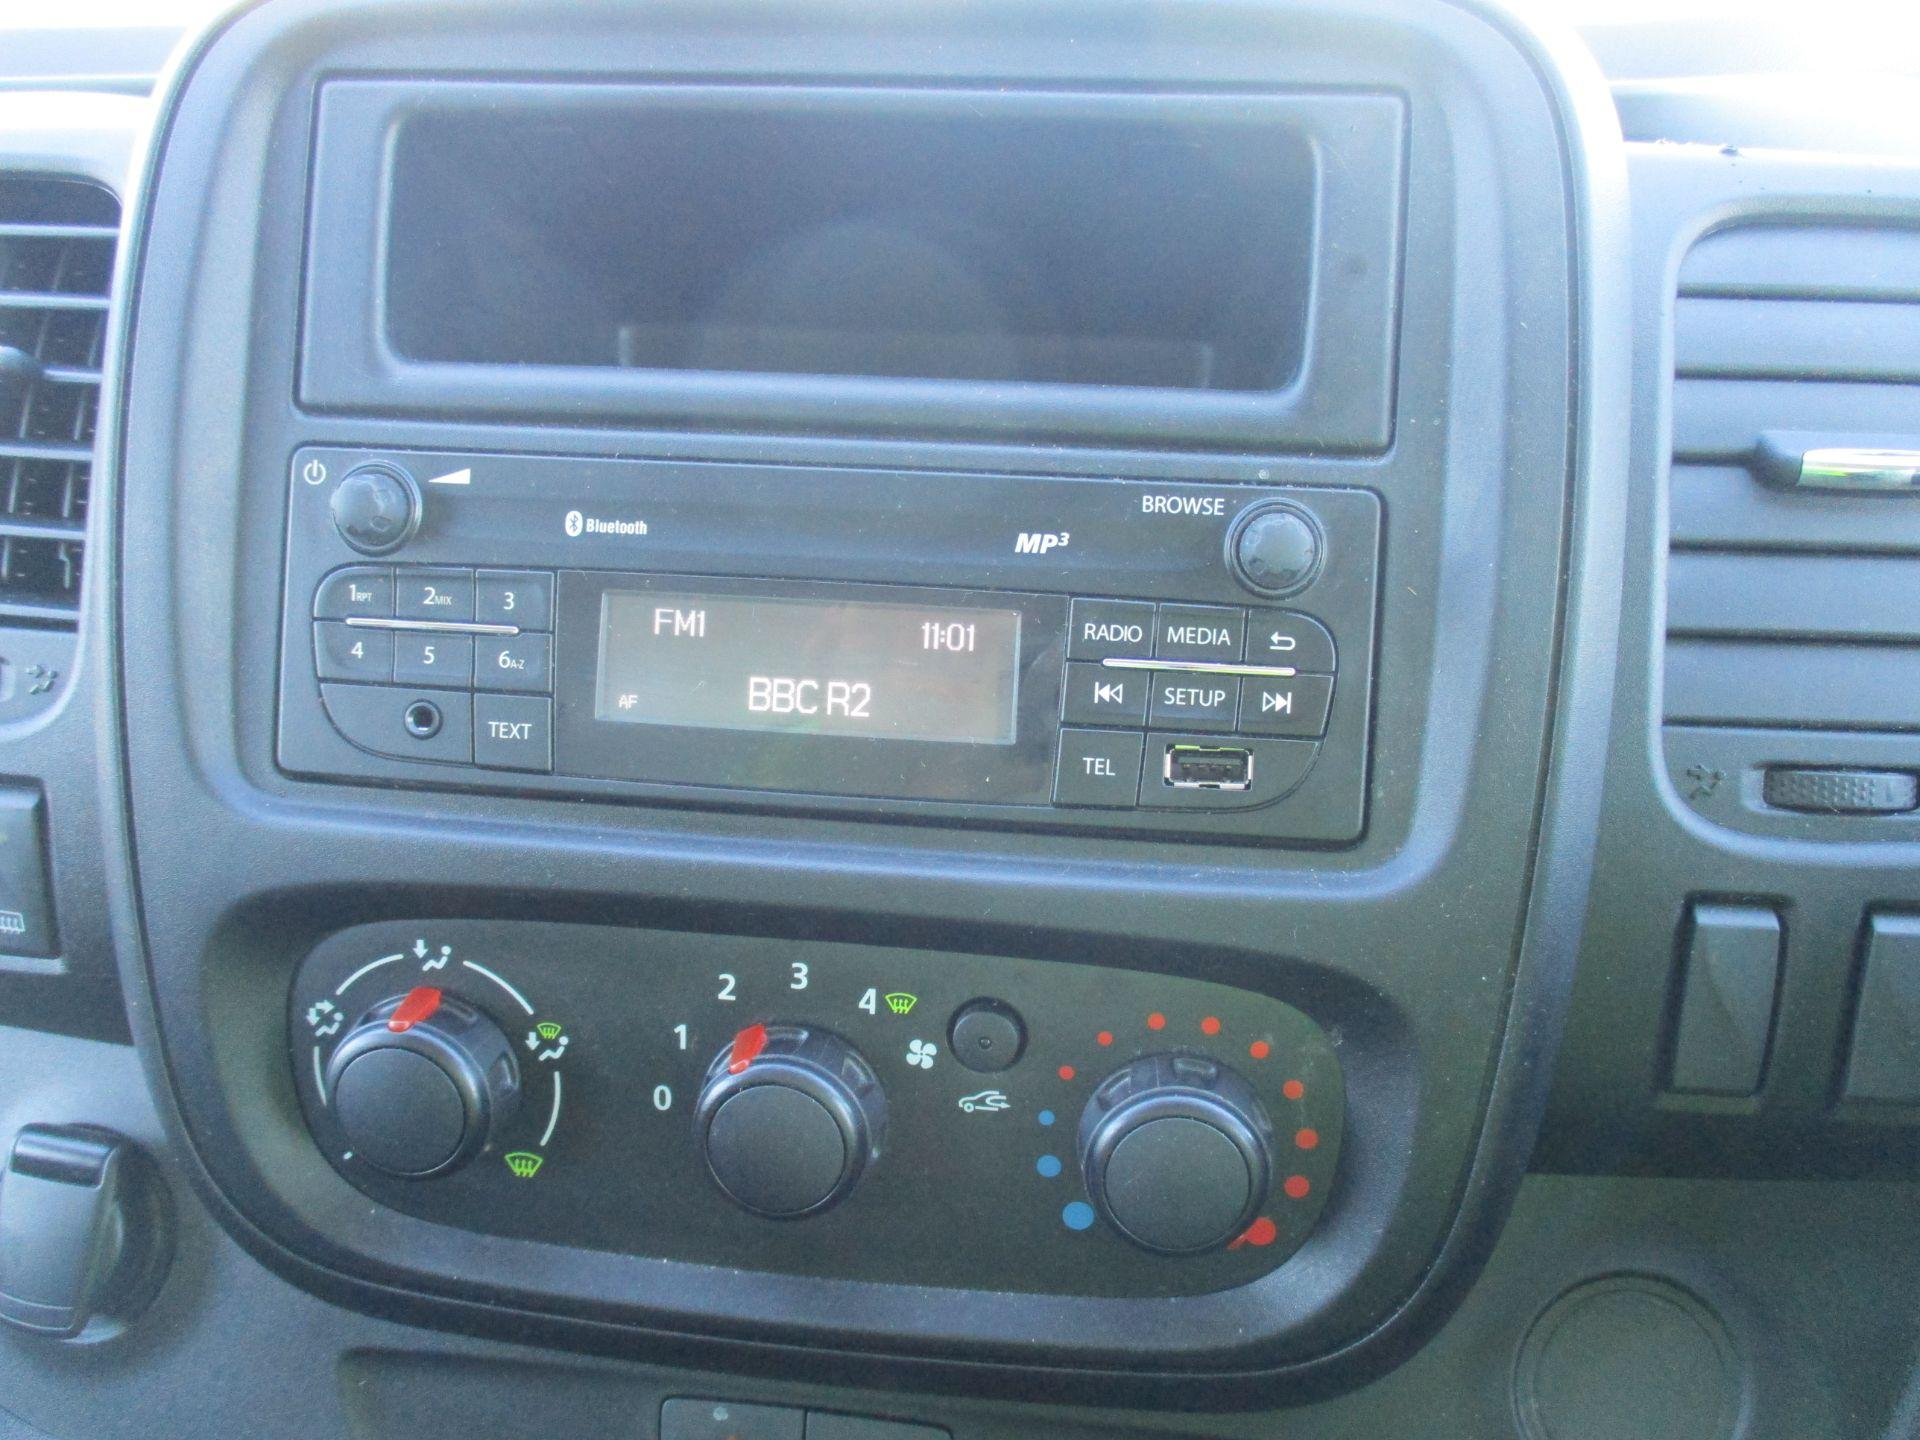 2017 Vauxhall Vivaro L2 H1 2900 1.6 CDTI 120PS EURO 6 (DV67WFT) Image 14